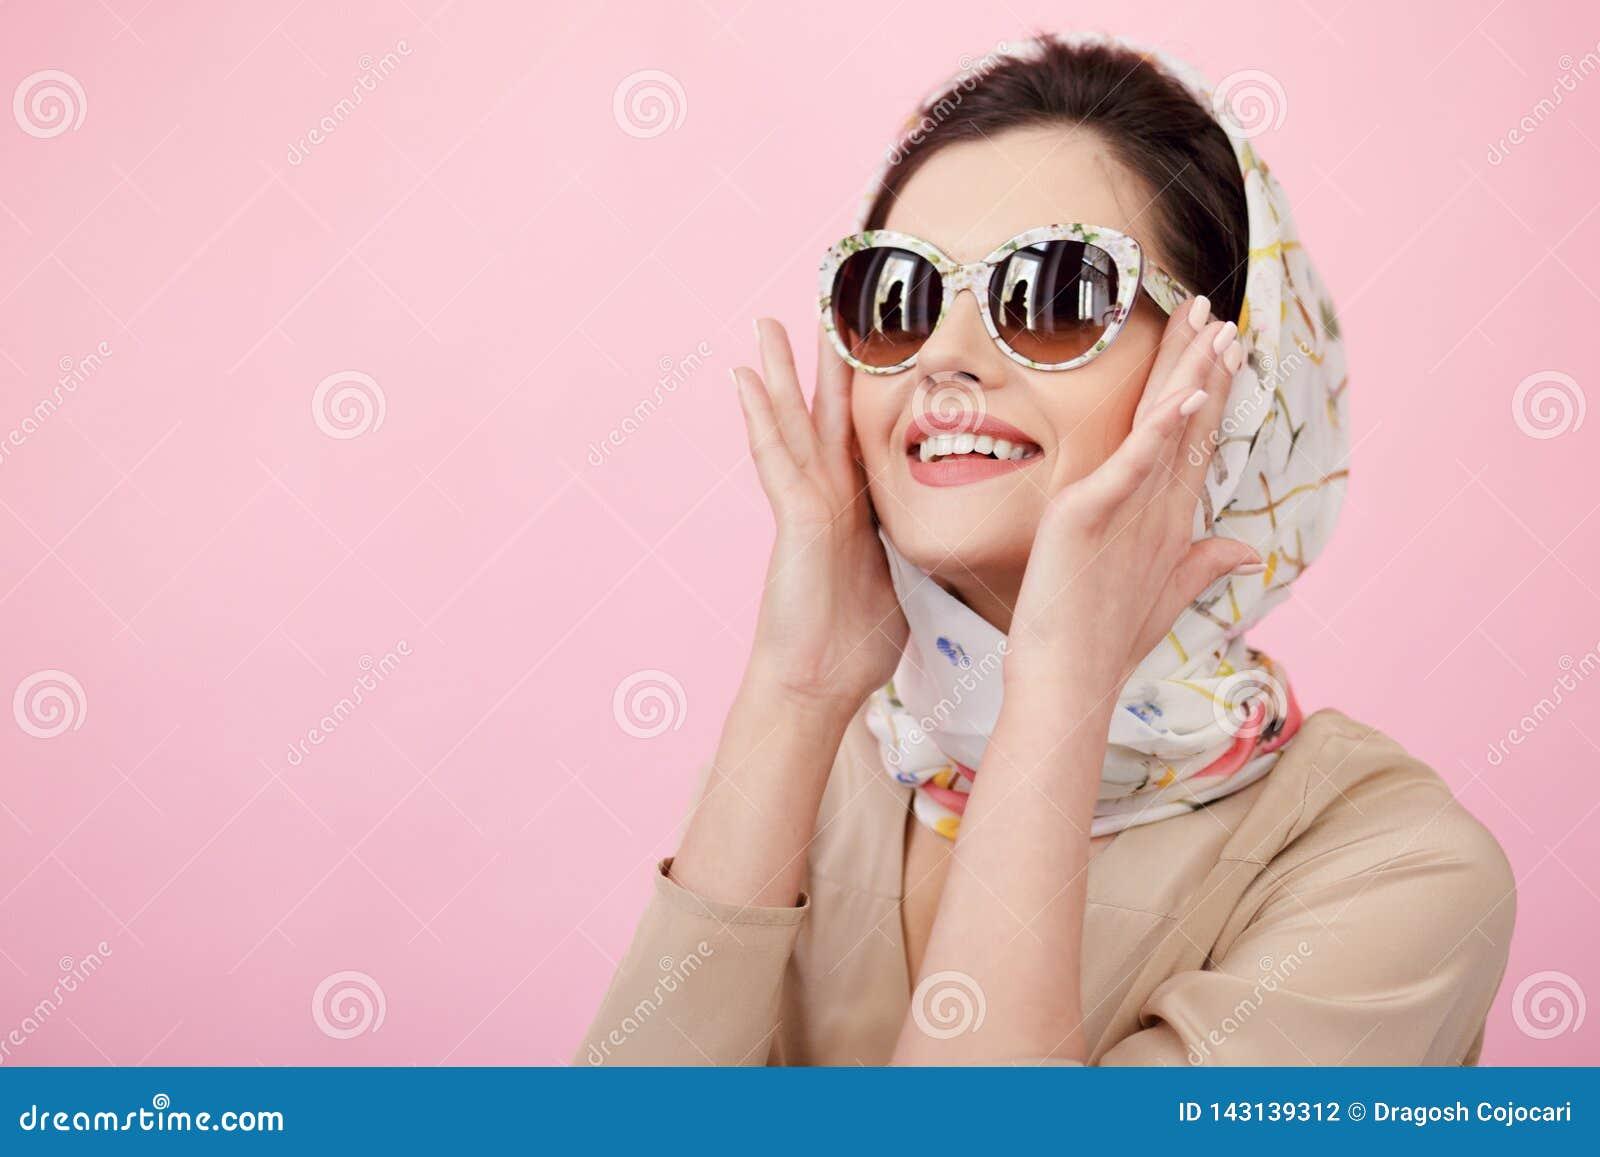 Шикарный стиль молодой женщины одел элегантную одежду, представлять чувственный в студии, изолированной на розовой предпосылке